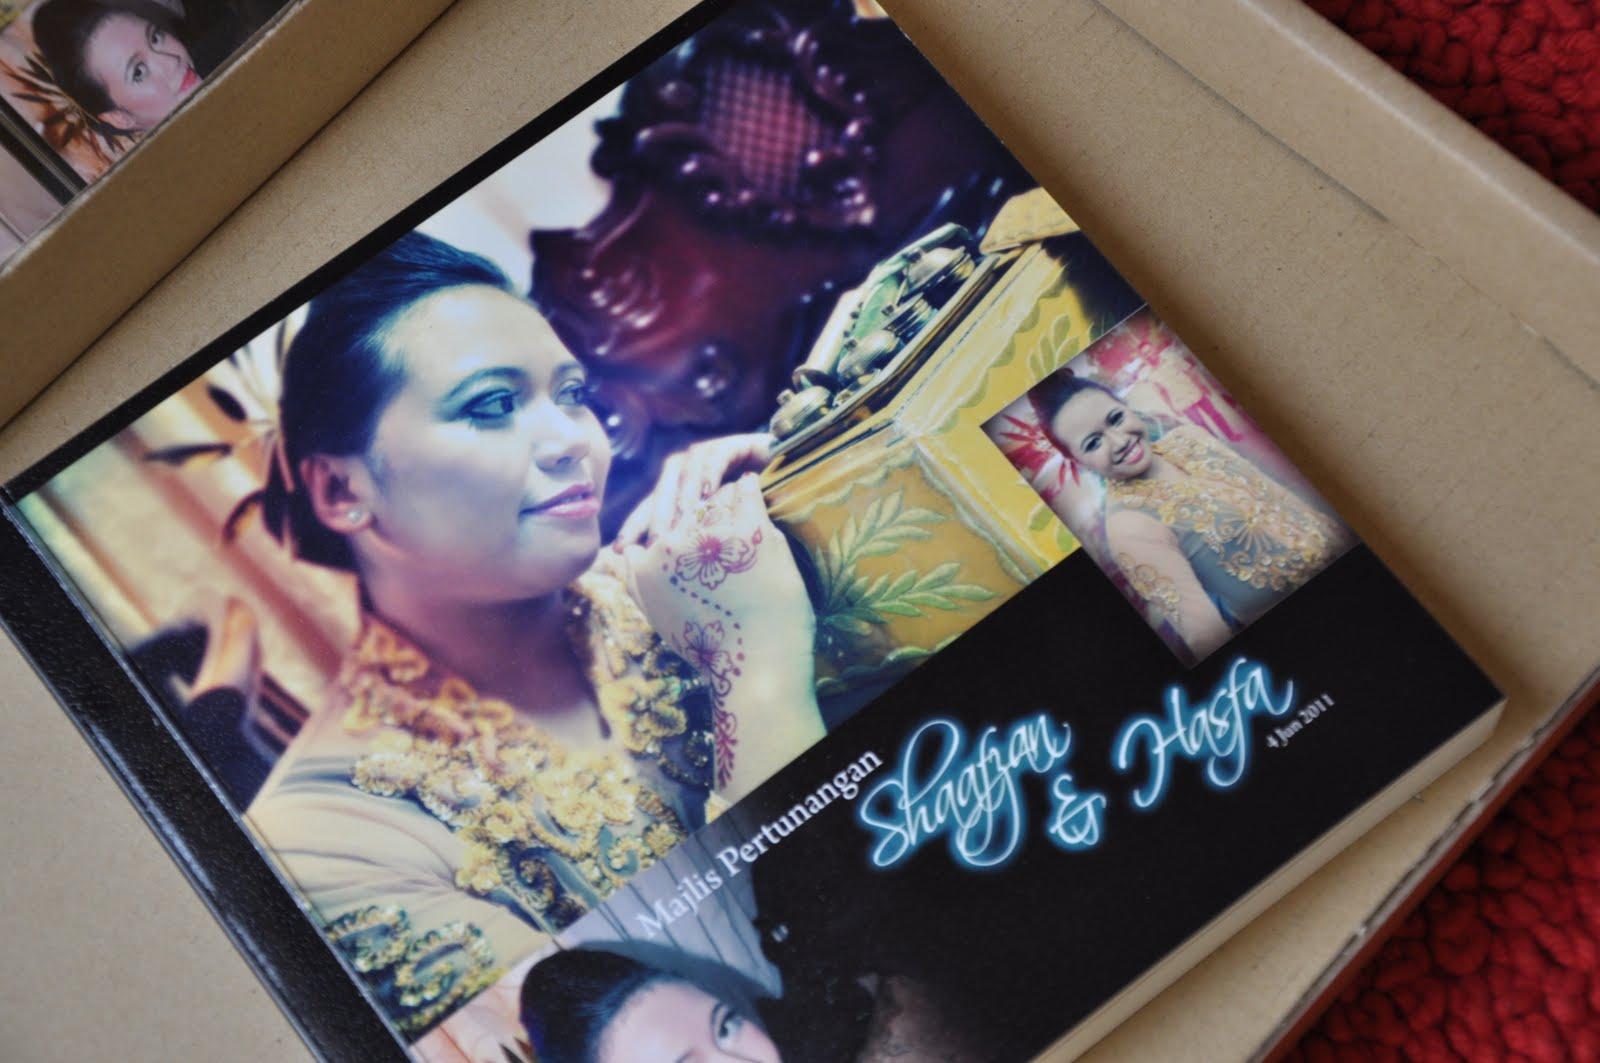 CONTOH PHOTOBOOK ALBUM - SIZE 8'IN X 8'IN